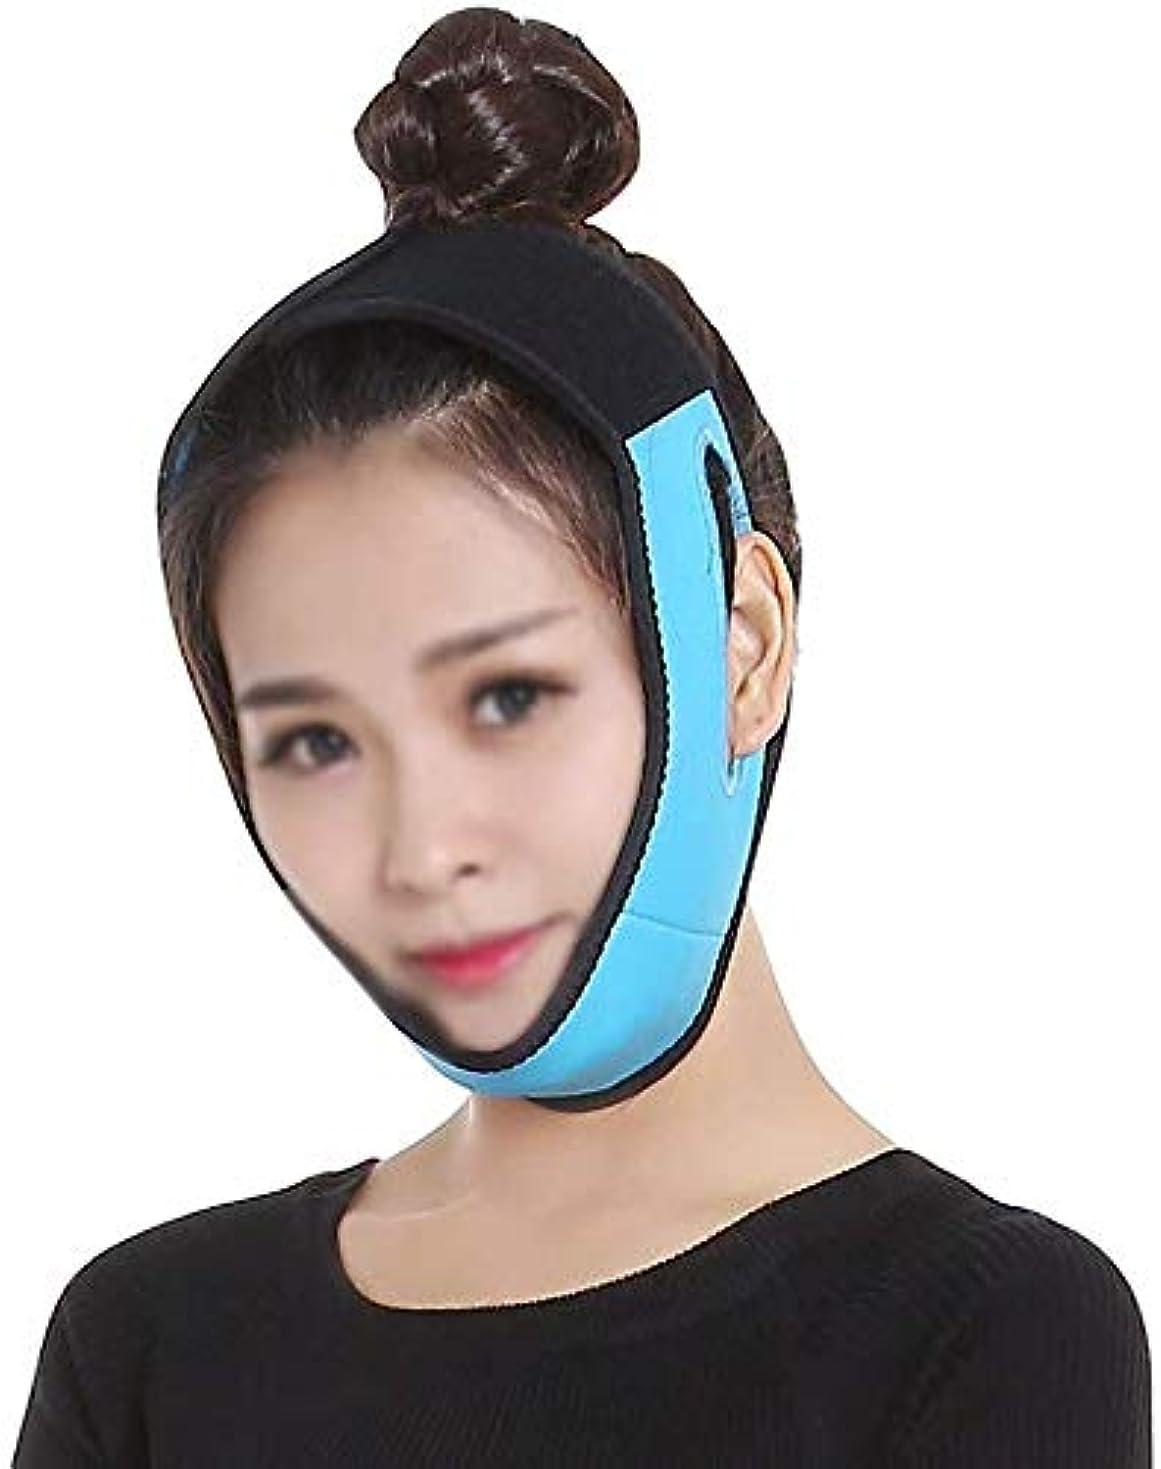 モーターミネラル試してみるHEMFV 超薄型Vフェイスラインスリムアップベルト二重あごフェイススリミングチークマスク通気性のチンストラップリフトアップアンチリンクルマスクを削減